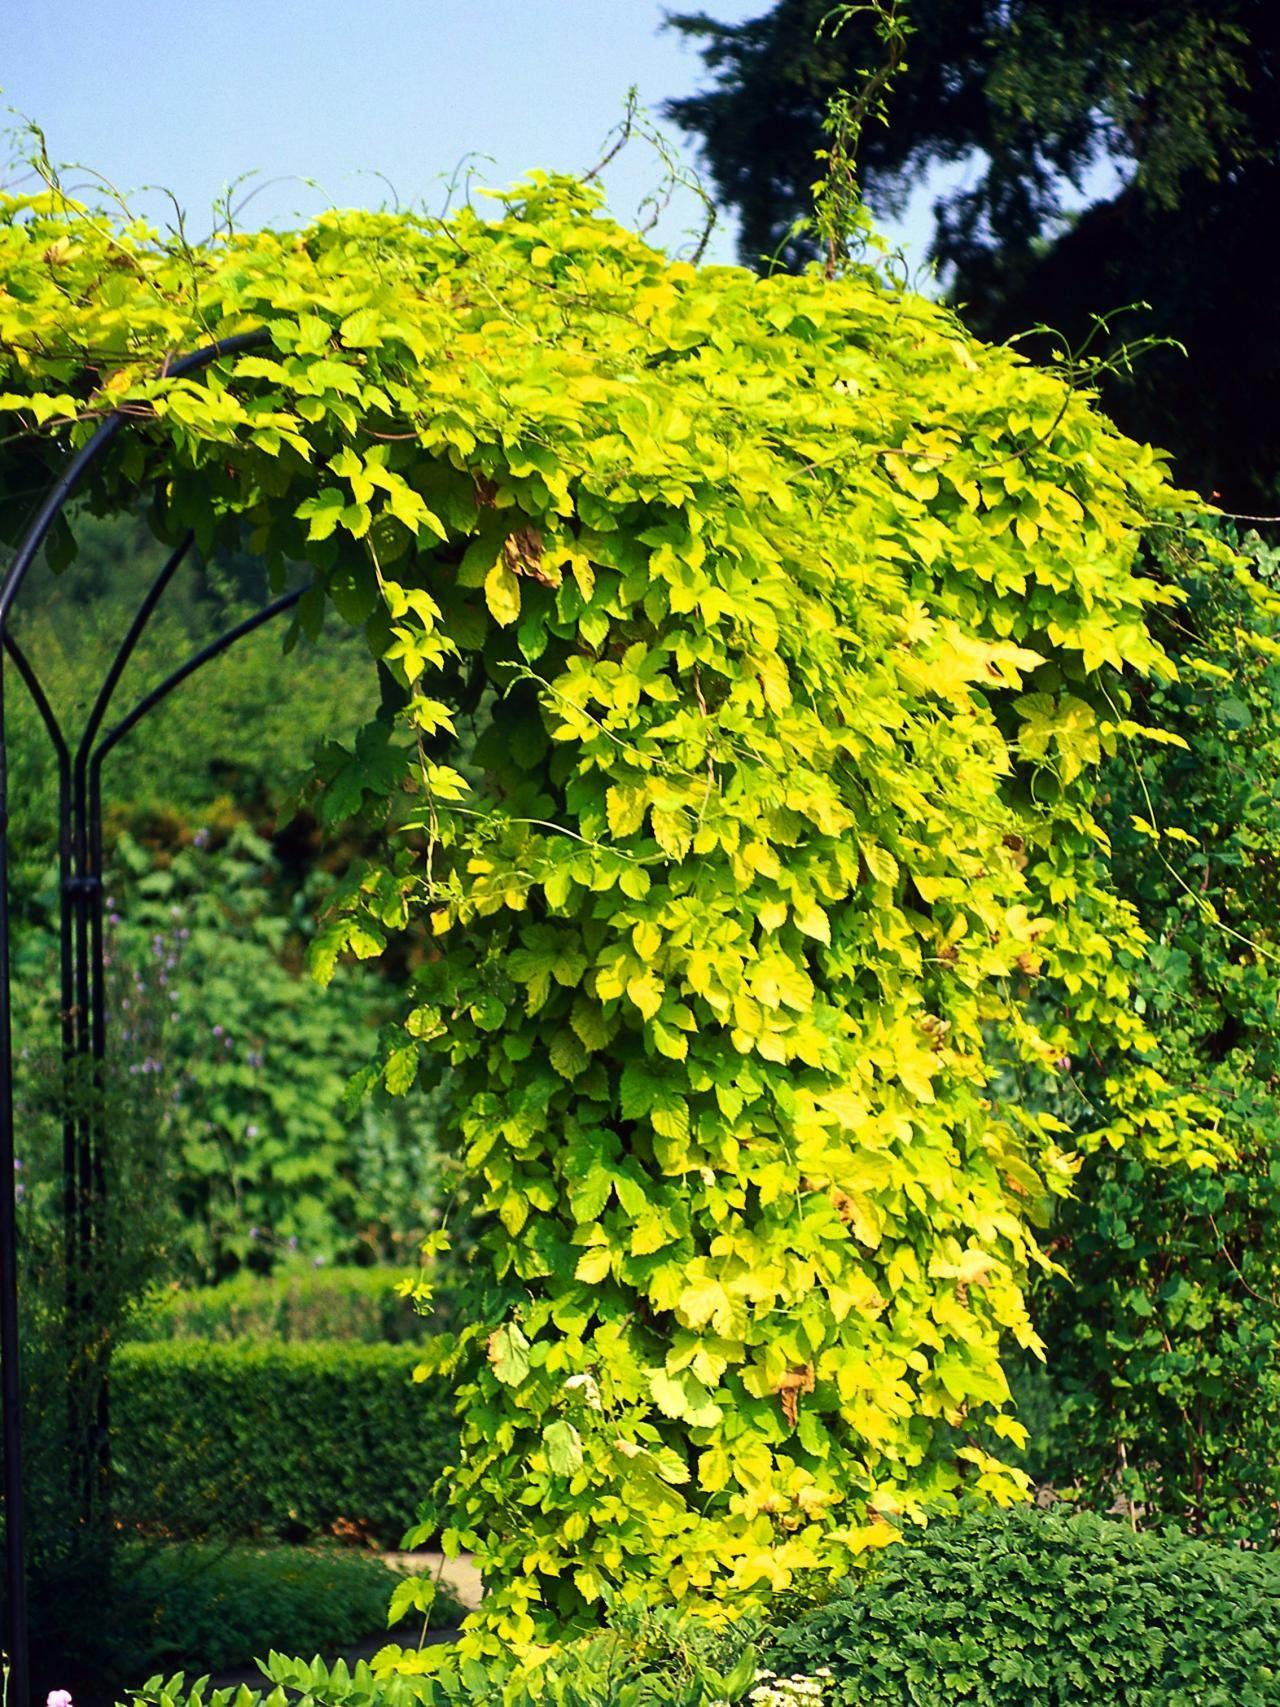 Beautiful Trellis Plants For Shade Part - 9: 15 Climbing Vines For Lattice, Trellis Or Pergola